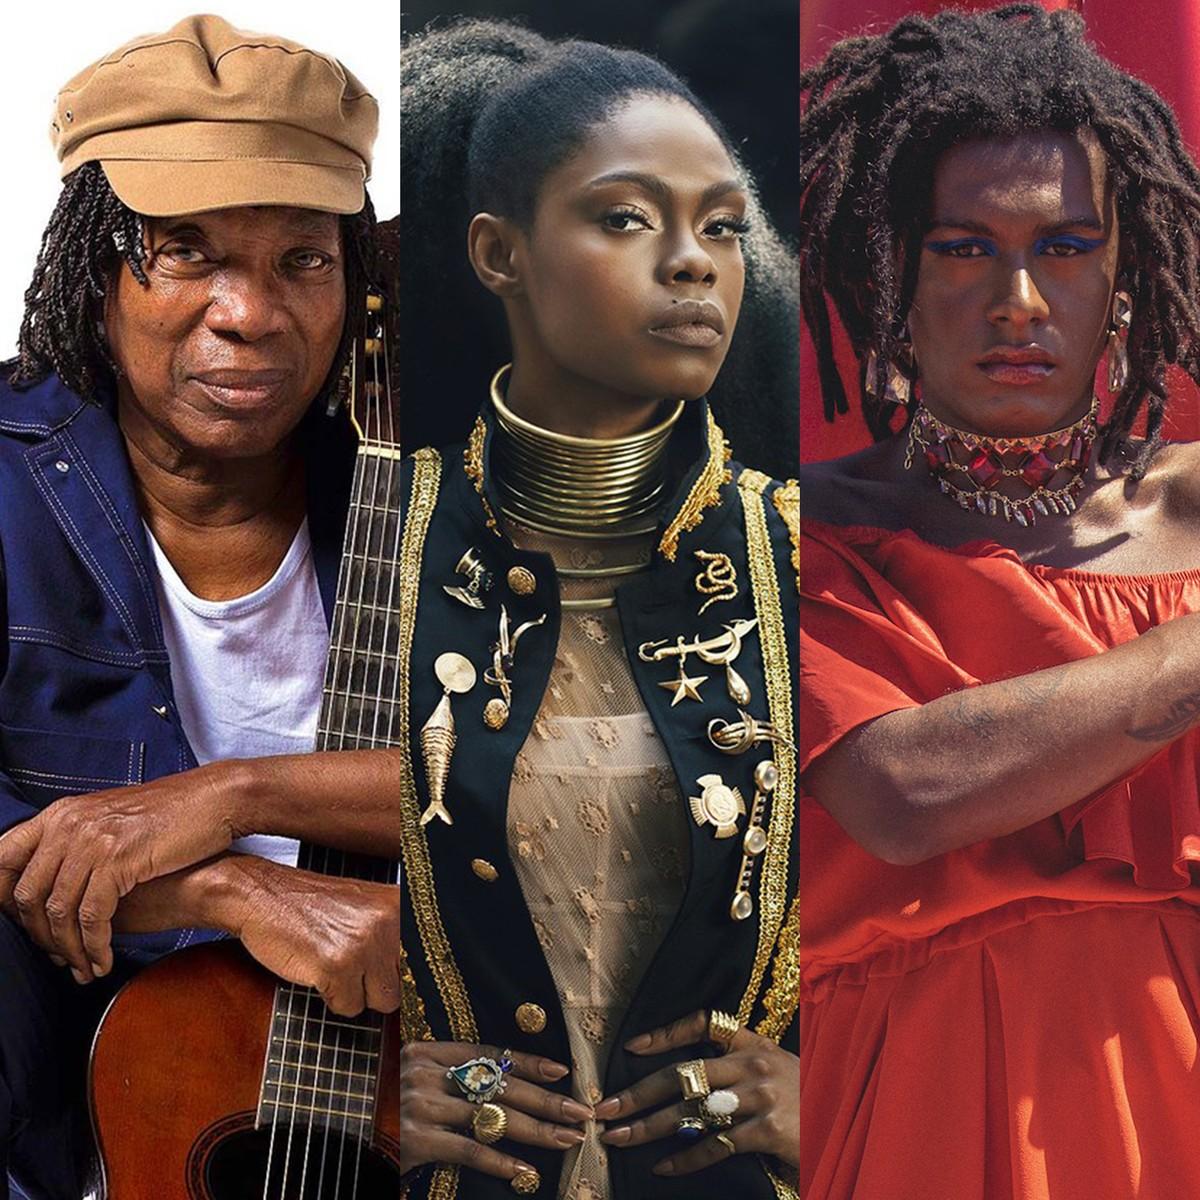 Lives de hoje: Milton Nascimento, Xênia França e Liniker, Atitude 67, Jorge Aragão e mais shows